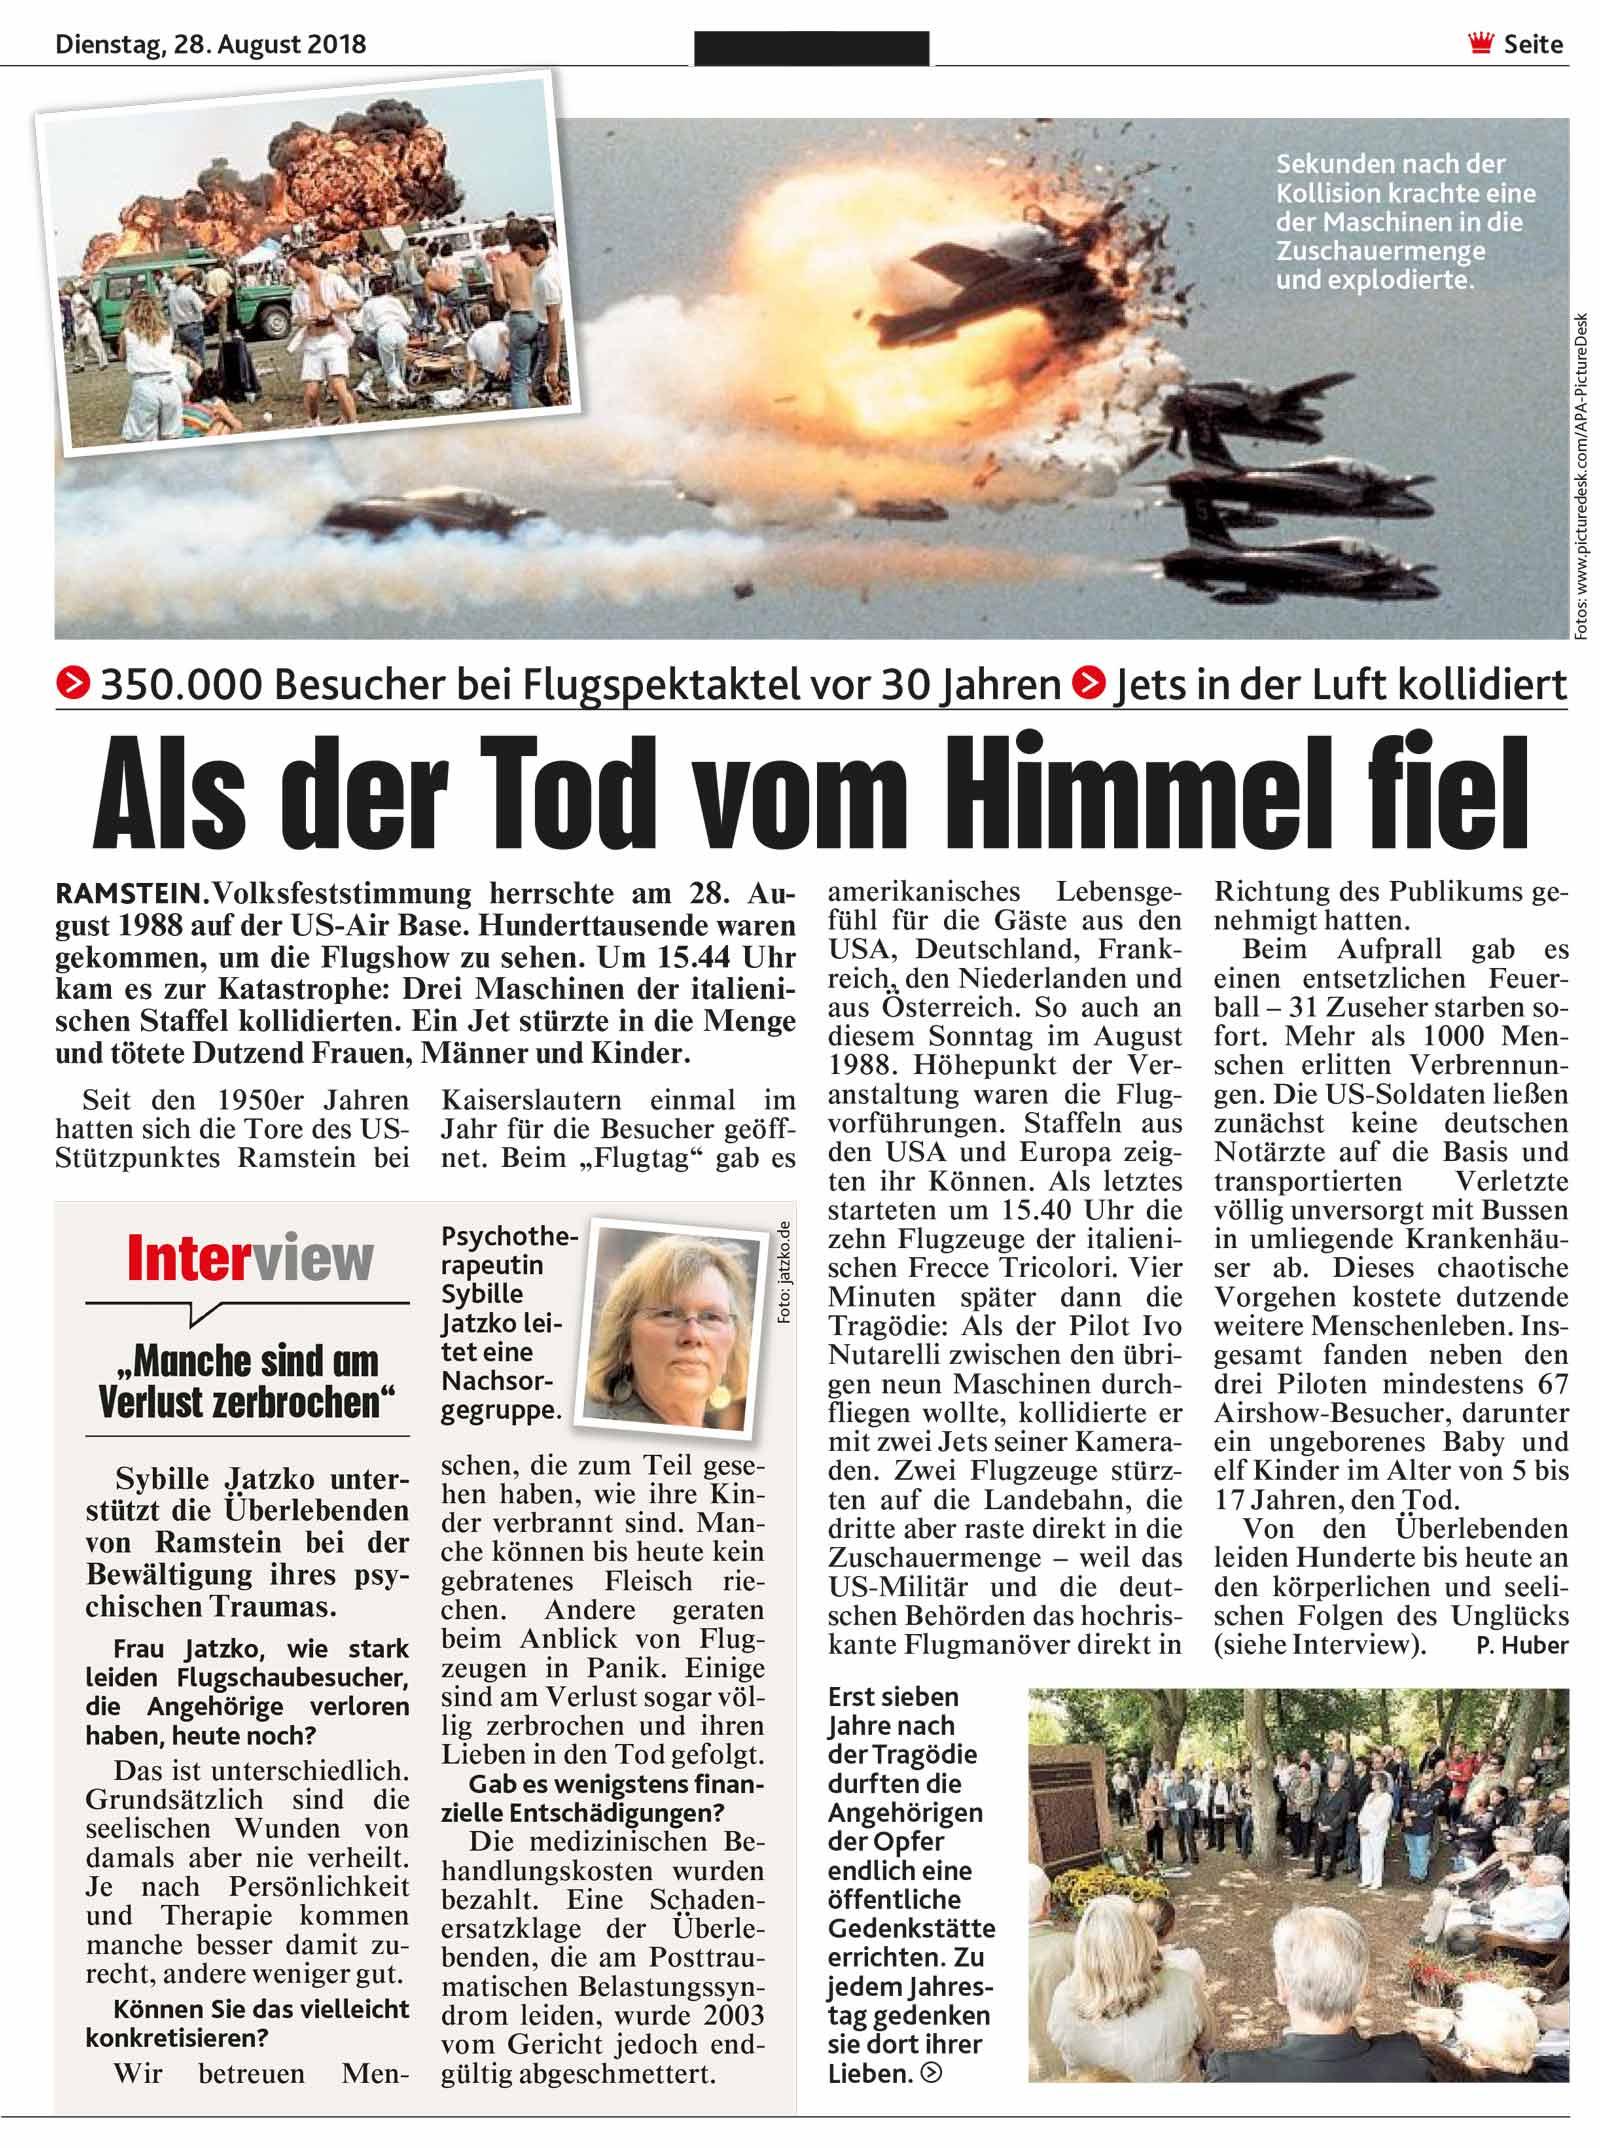 Interview in der Bild zur Flugtagskatastrophe